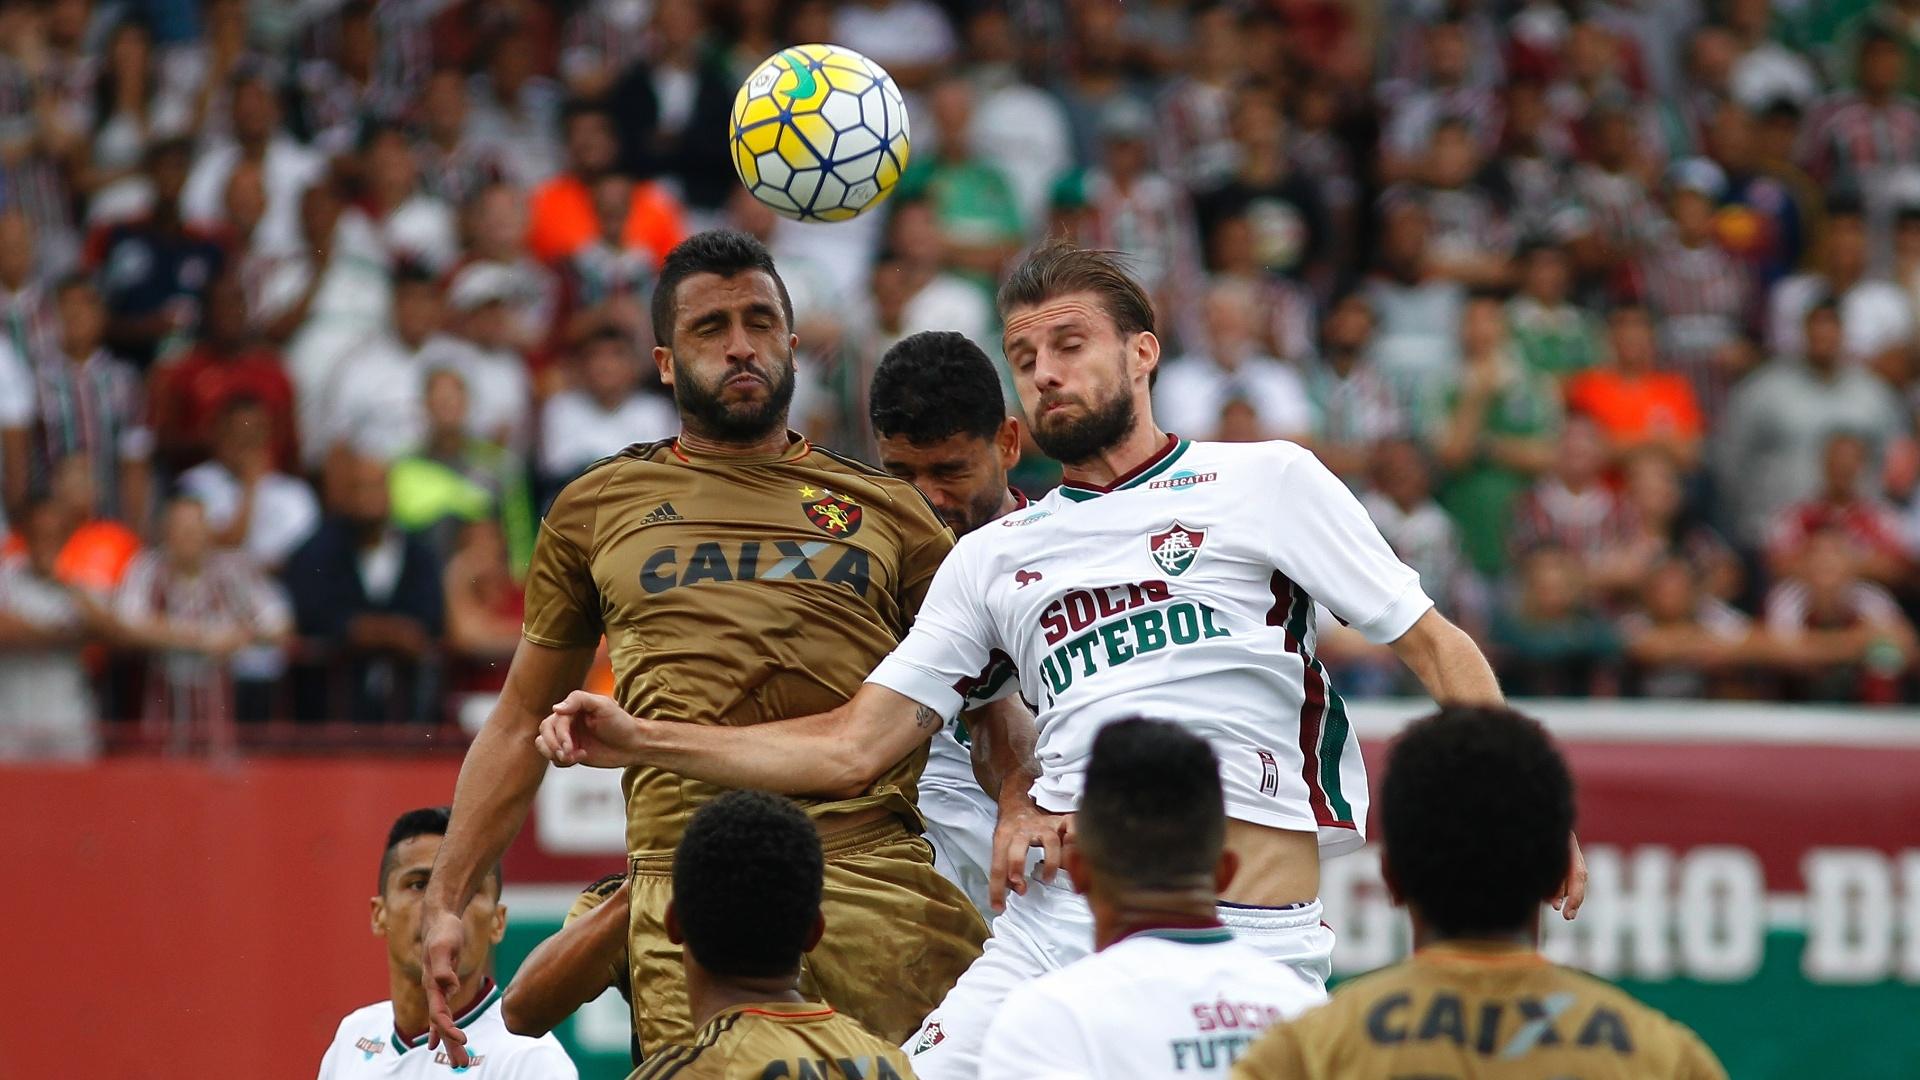 Henrique tenta cabecear a bola na partida do Fluminense contra o Sport pelo Campeonato Brasileiro